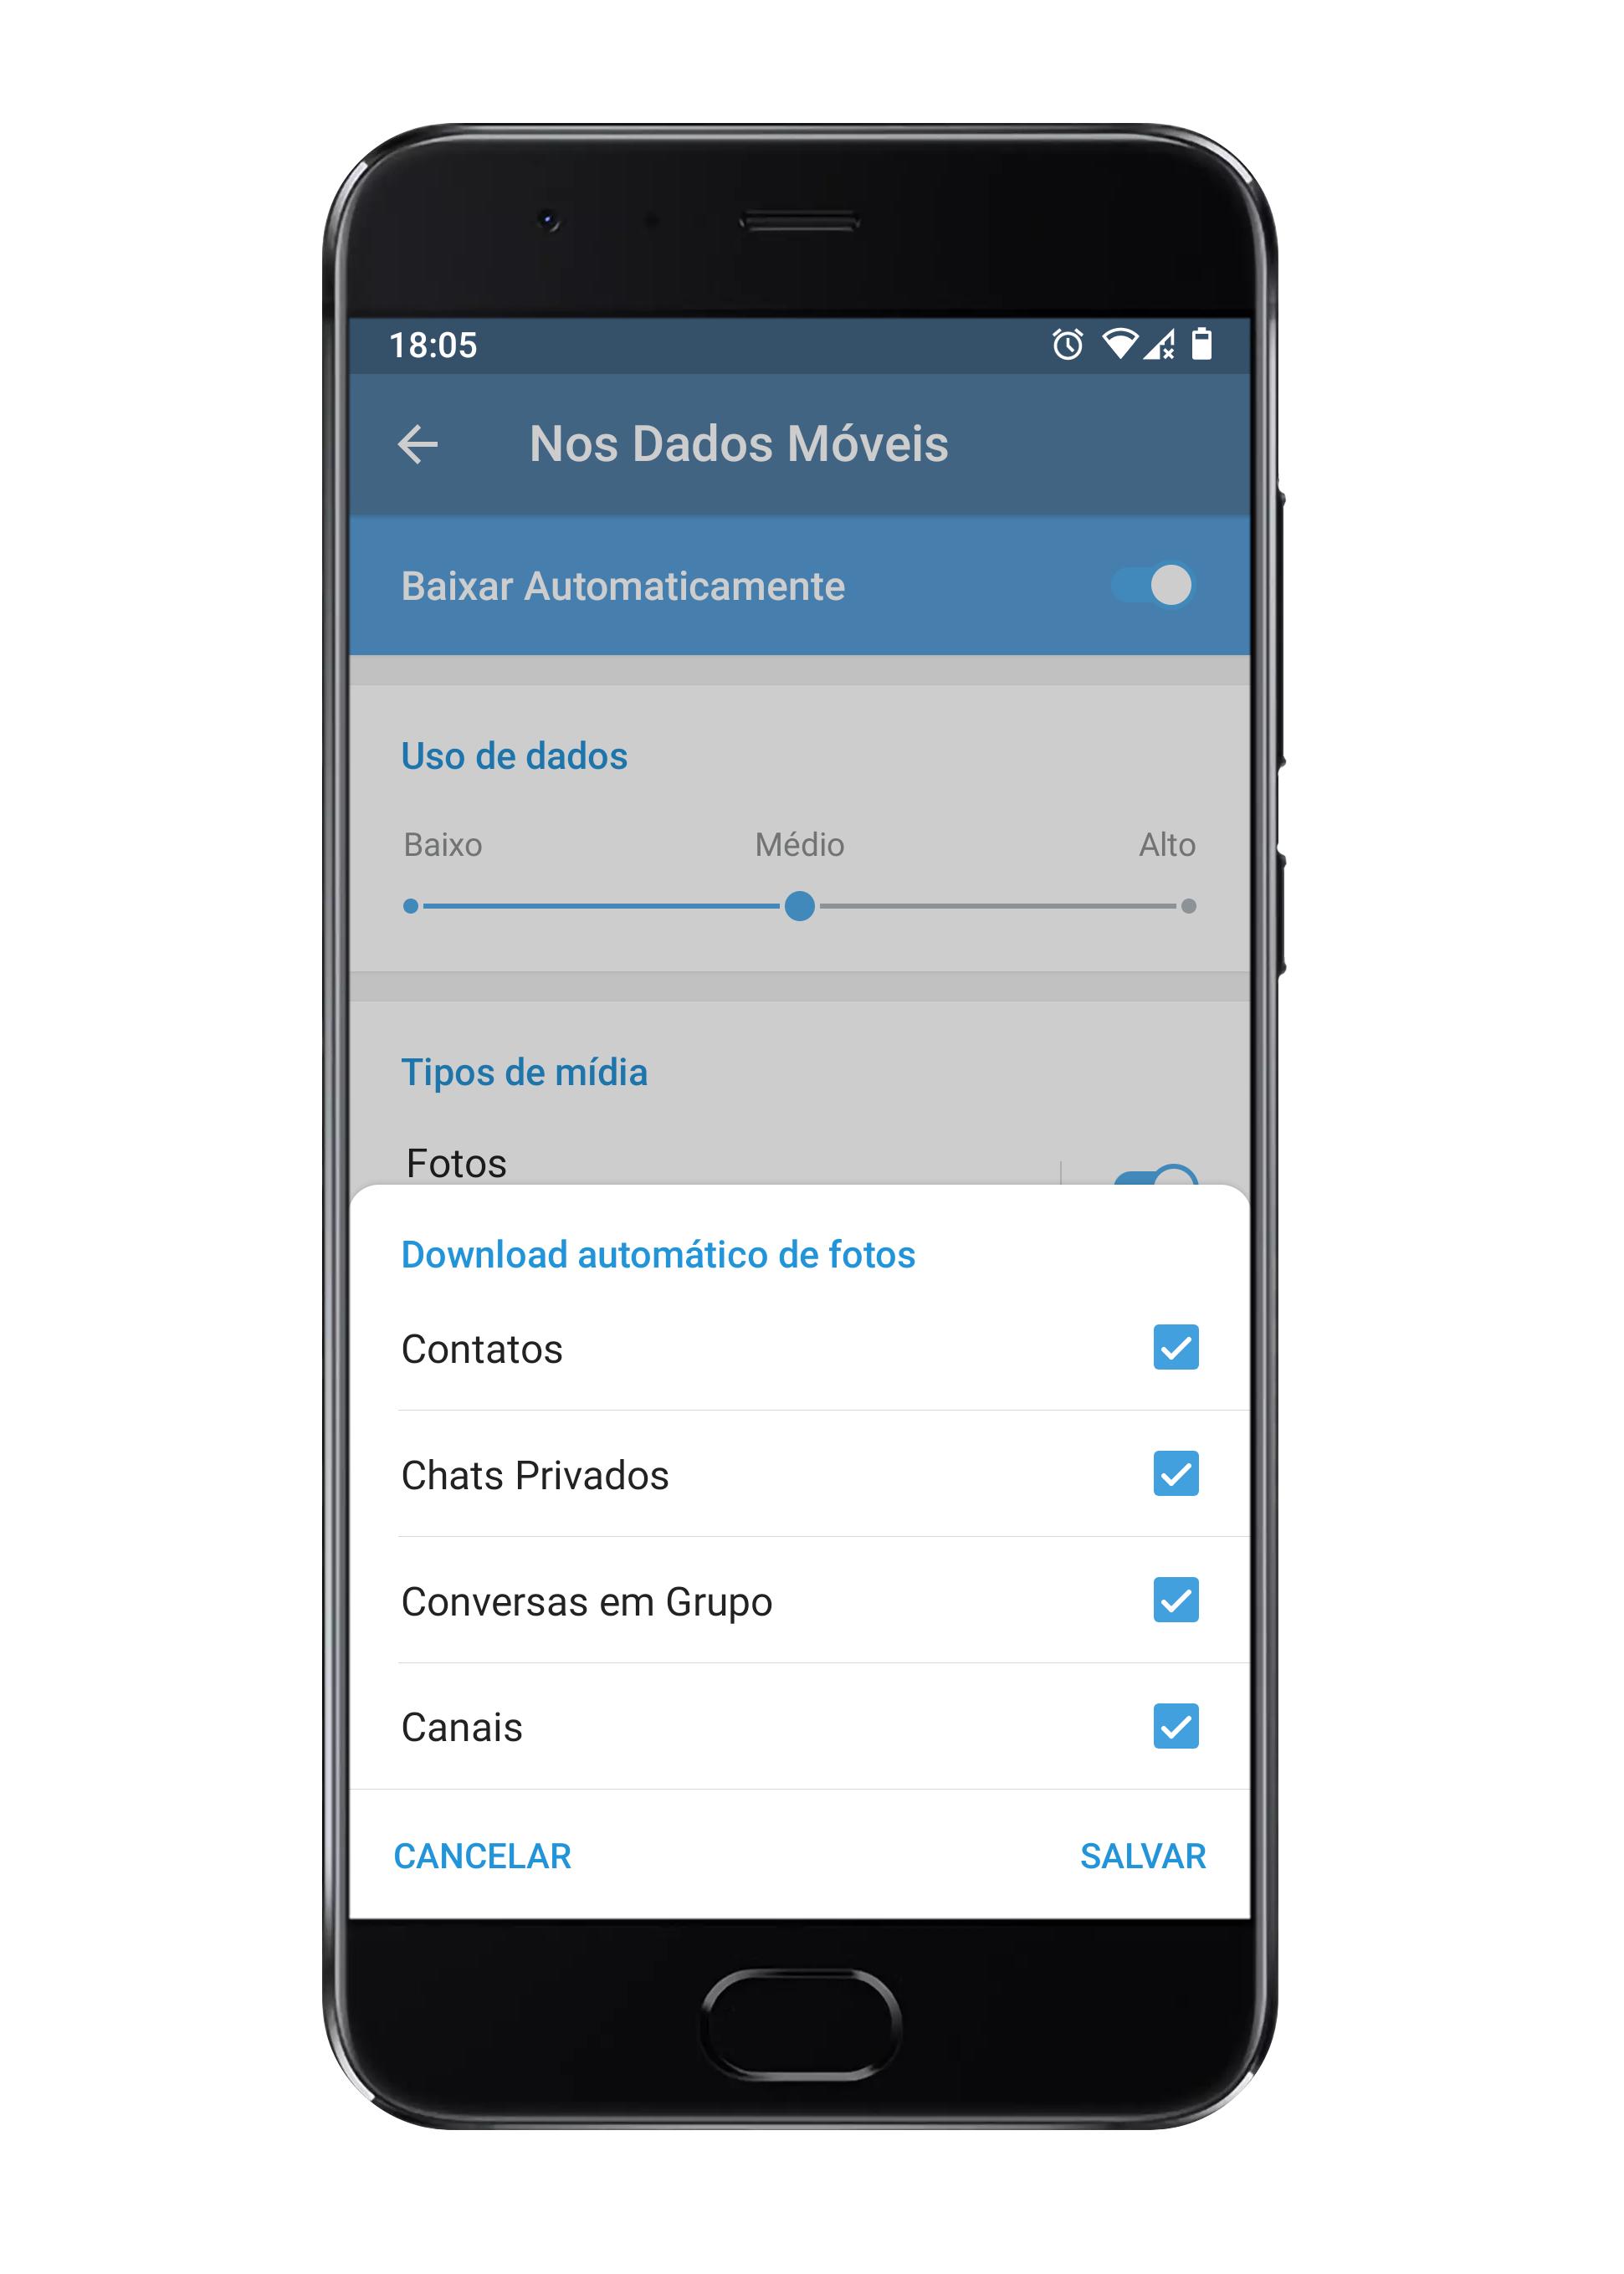 Configurações de download automático de fotos.